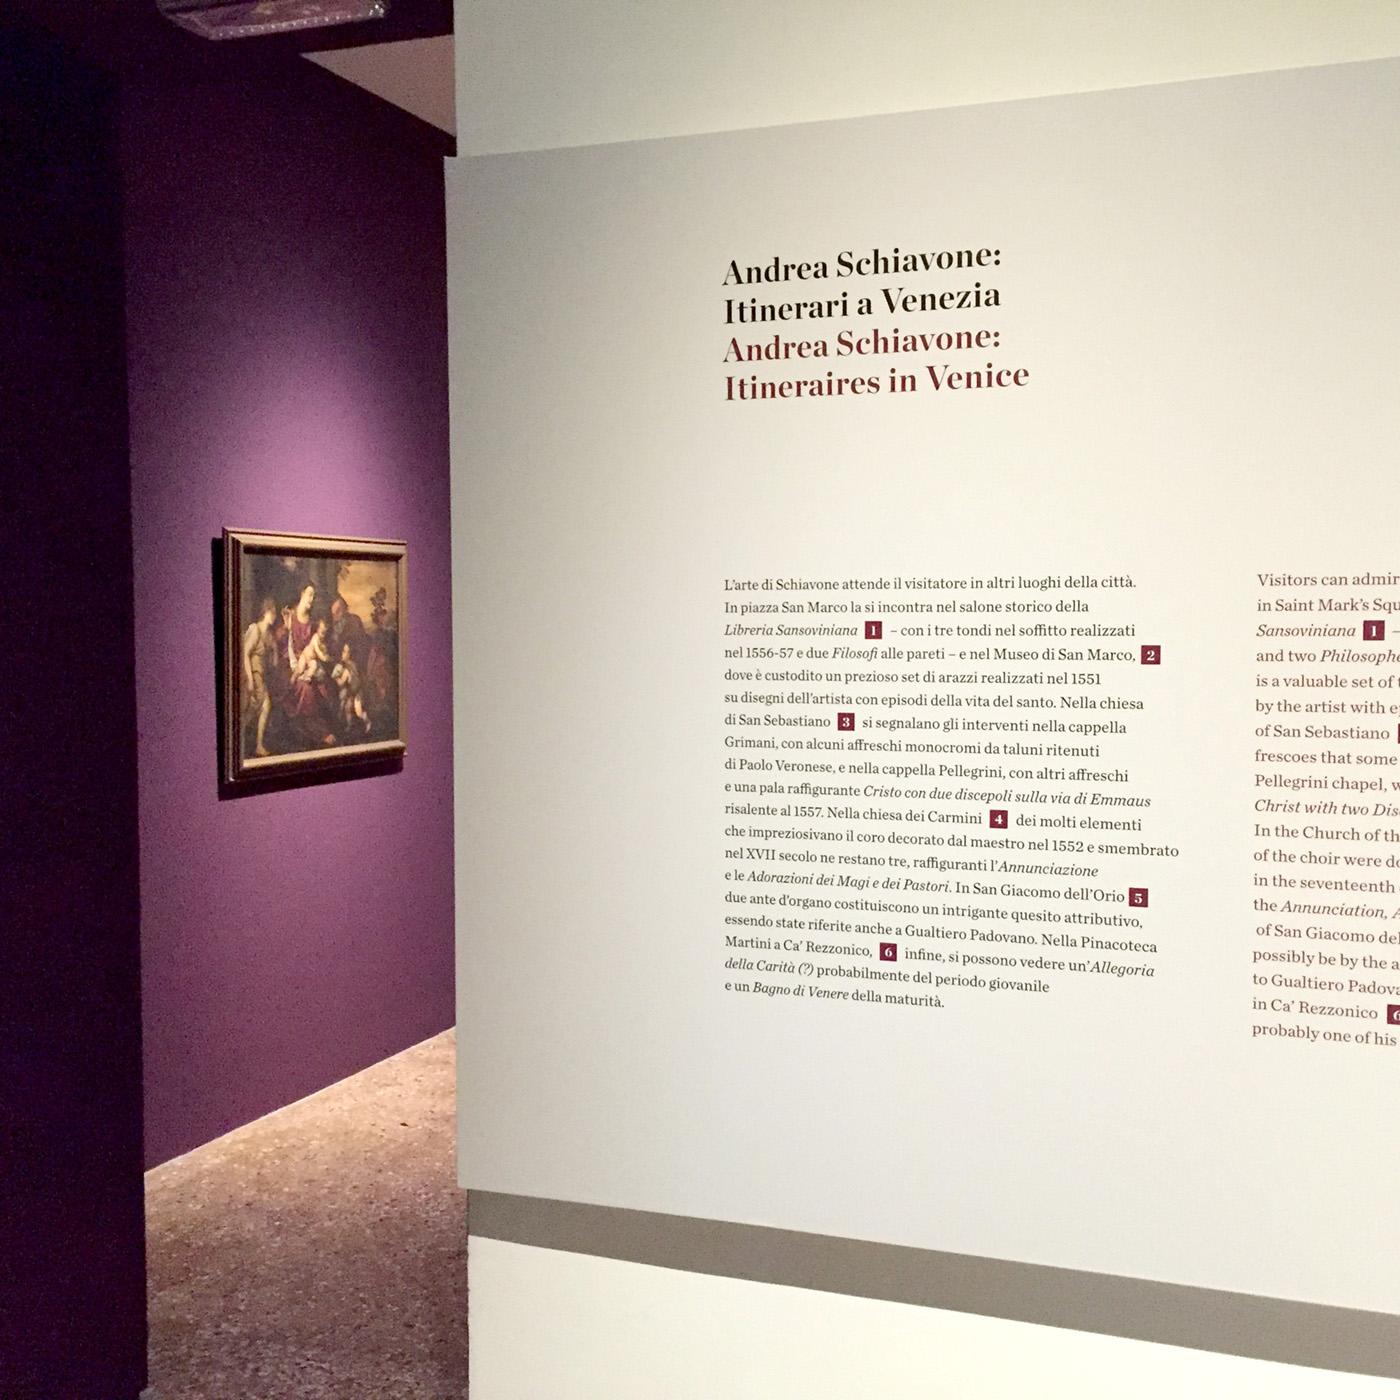 Splendoridel-Rinascimento-VenezianoSchiavone-tra-ParmigianinoTintoretto-e-Tiziano-007